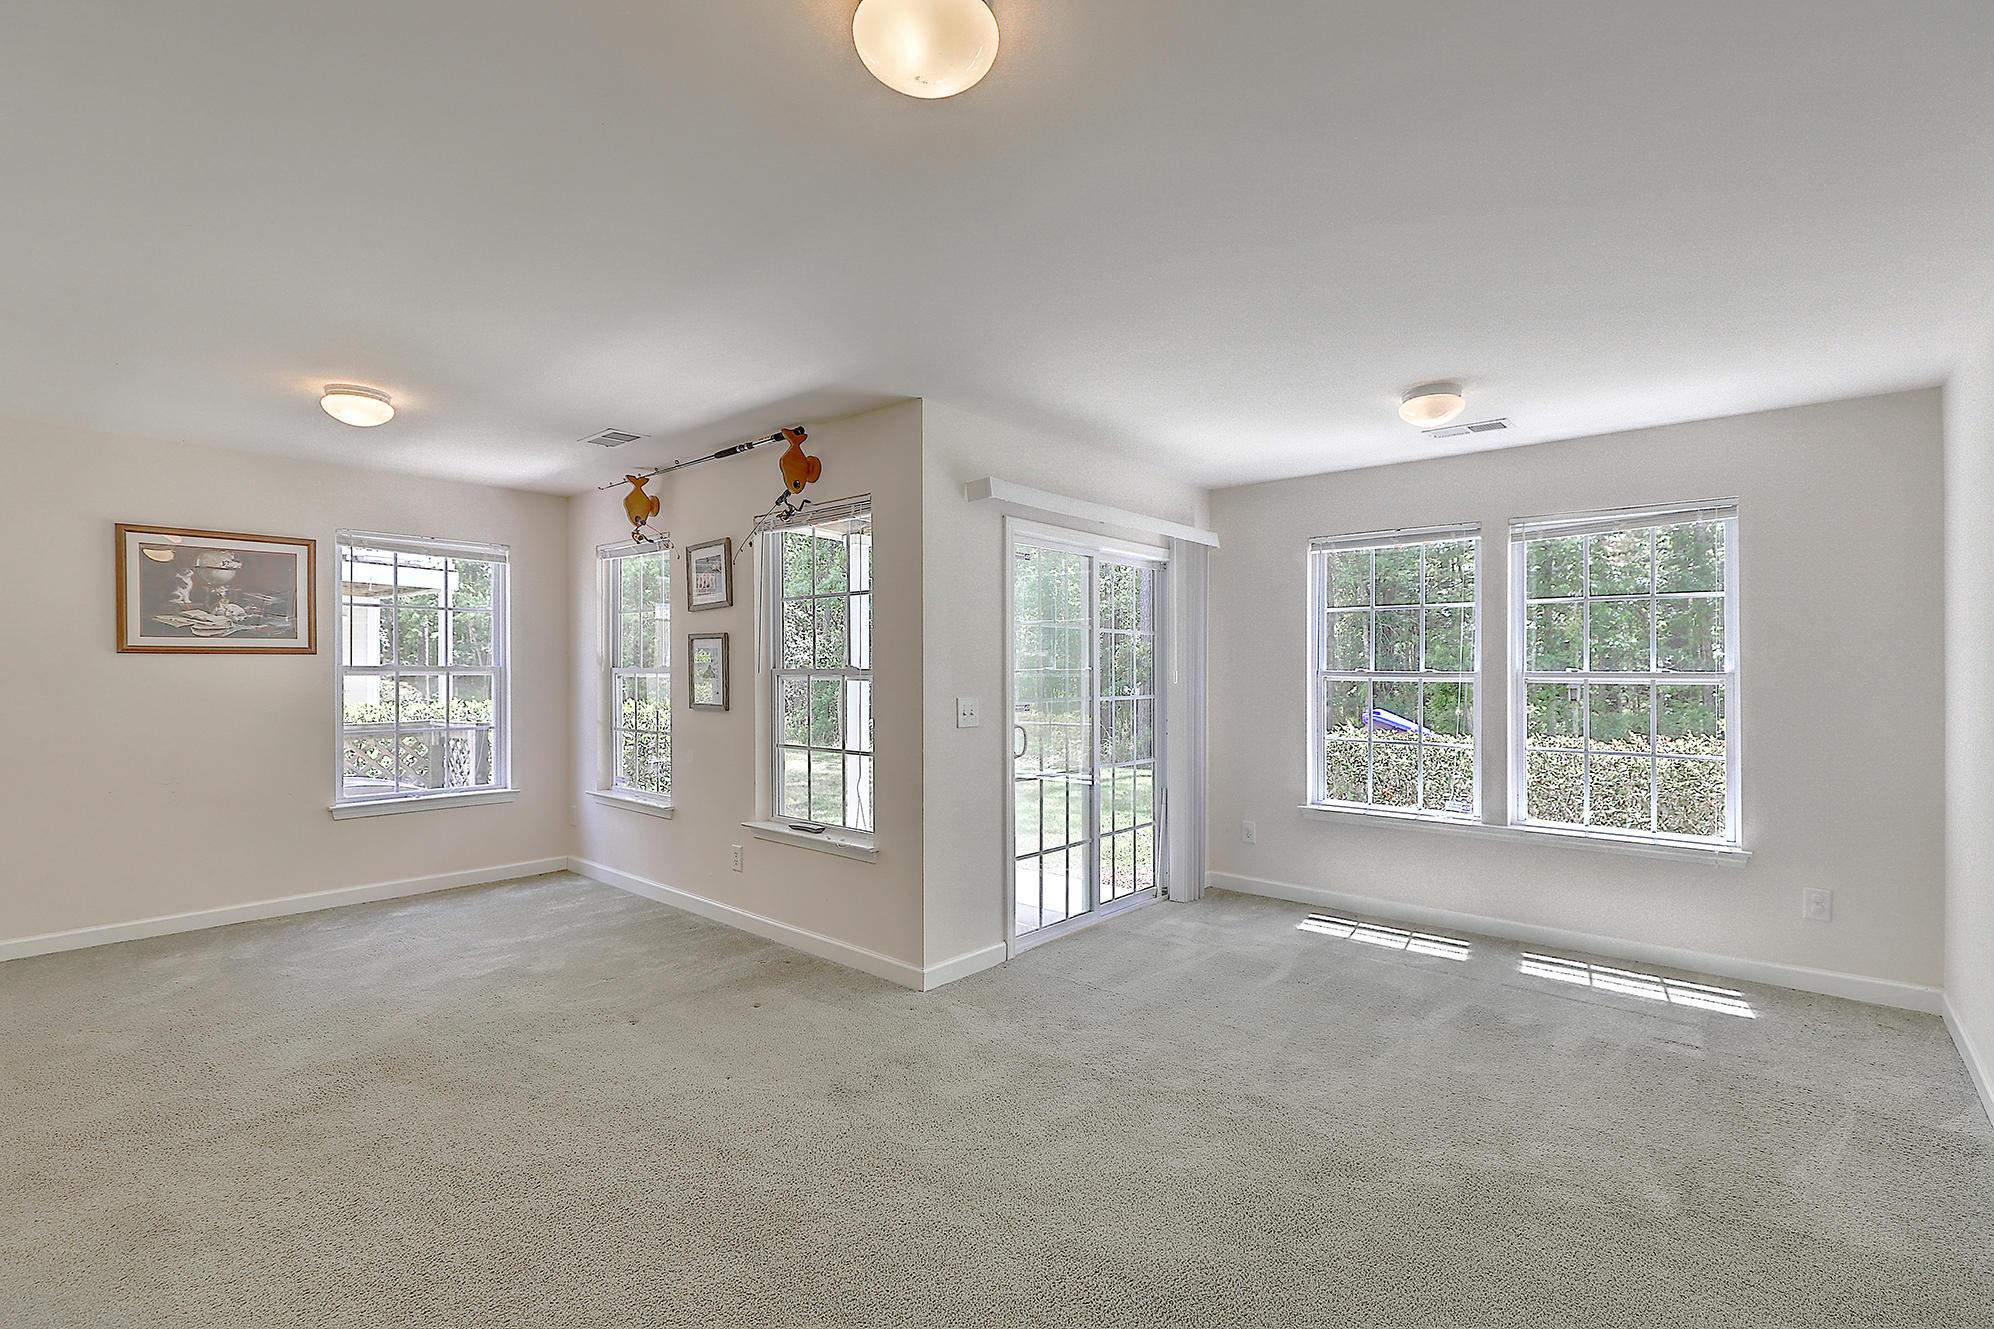 Kensington at Park West Homes For Sale - 3521 Claremont, Mount Pleasant, SC - 35